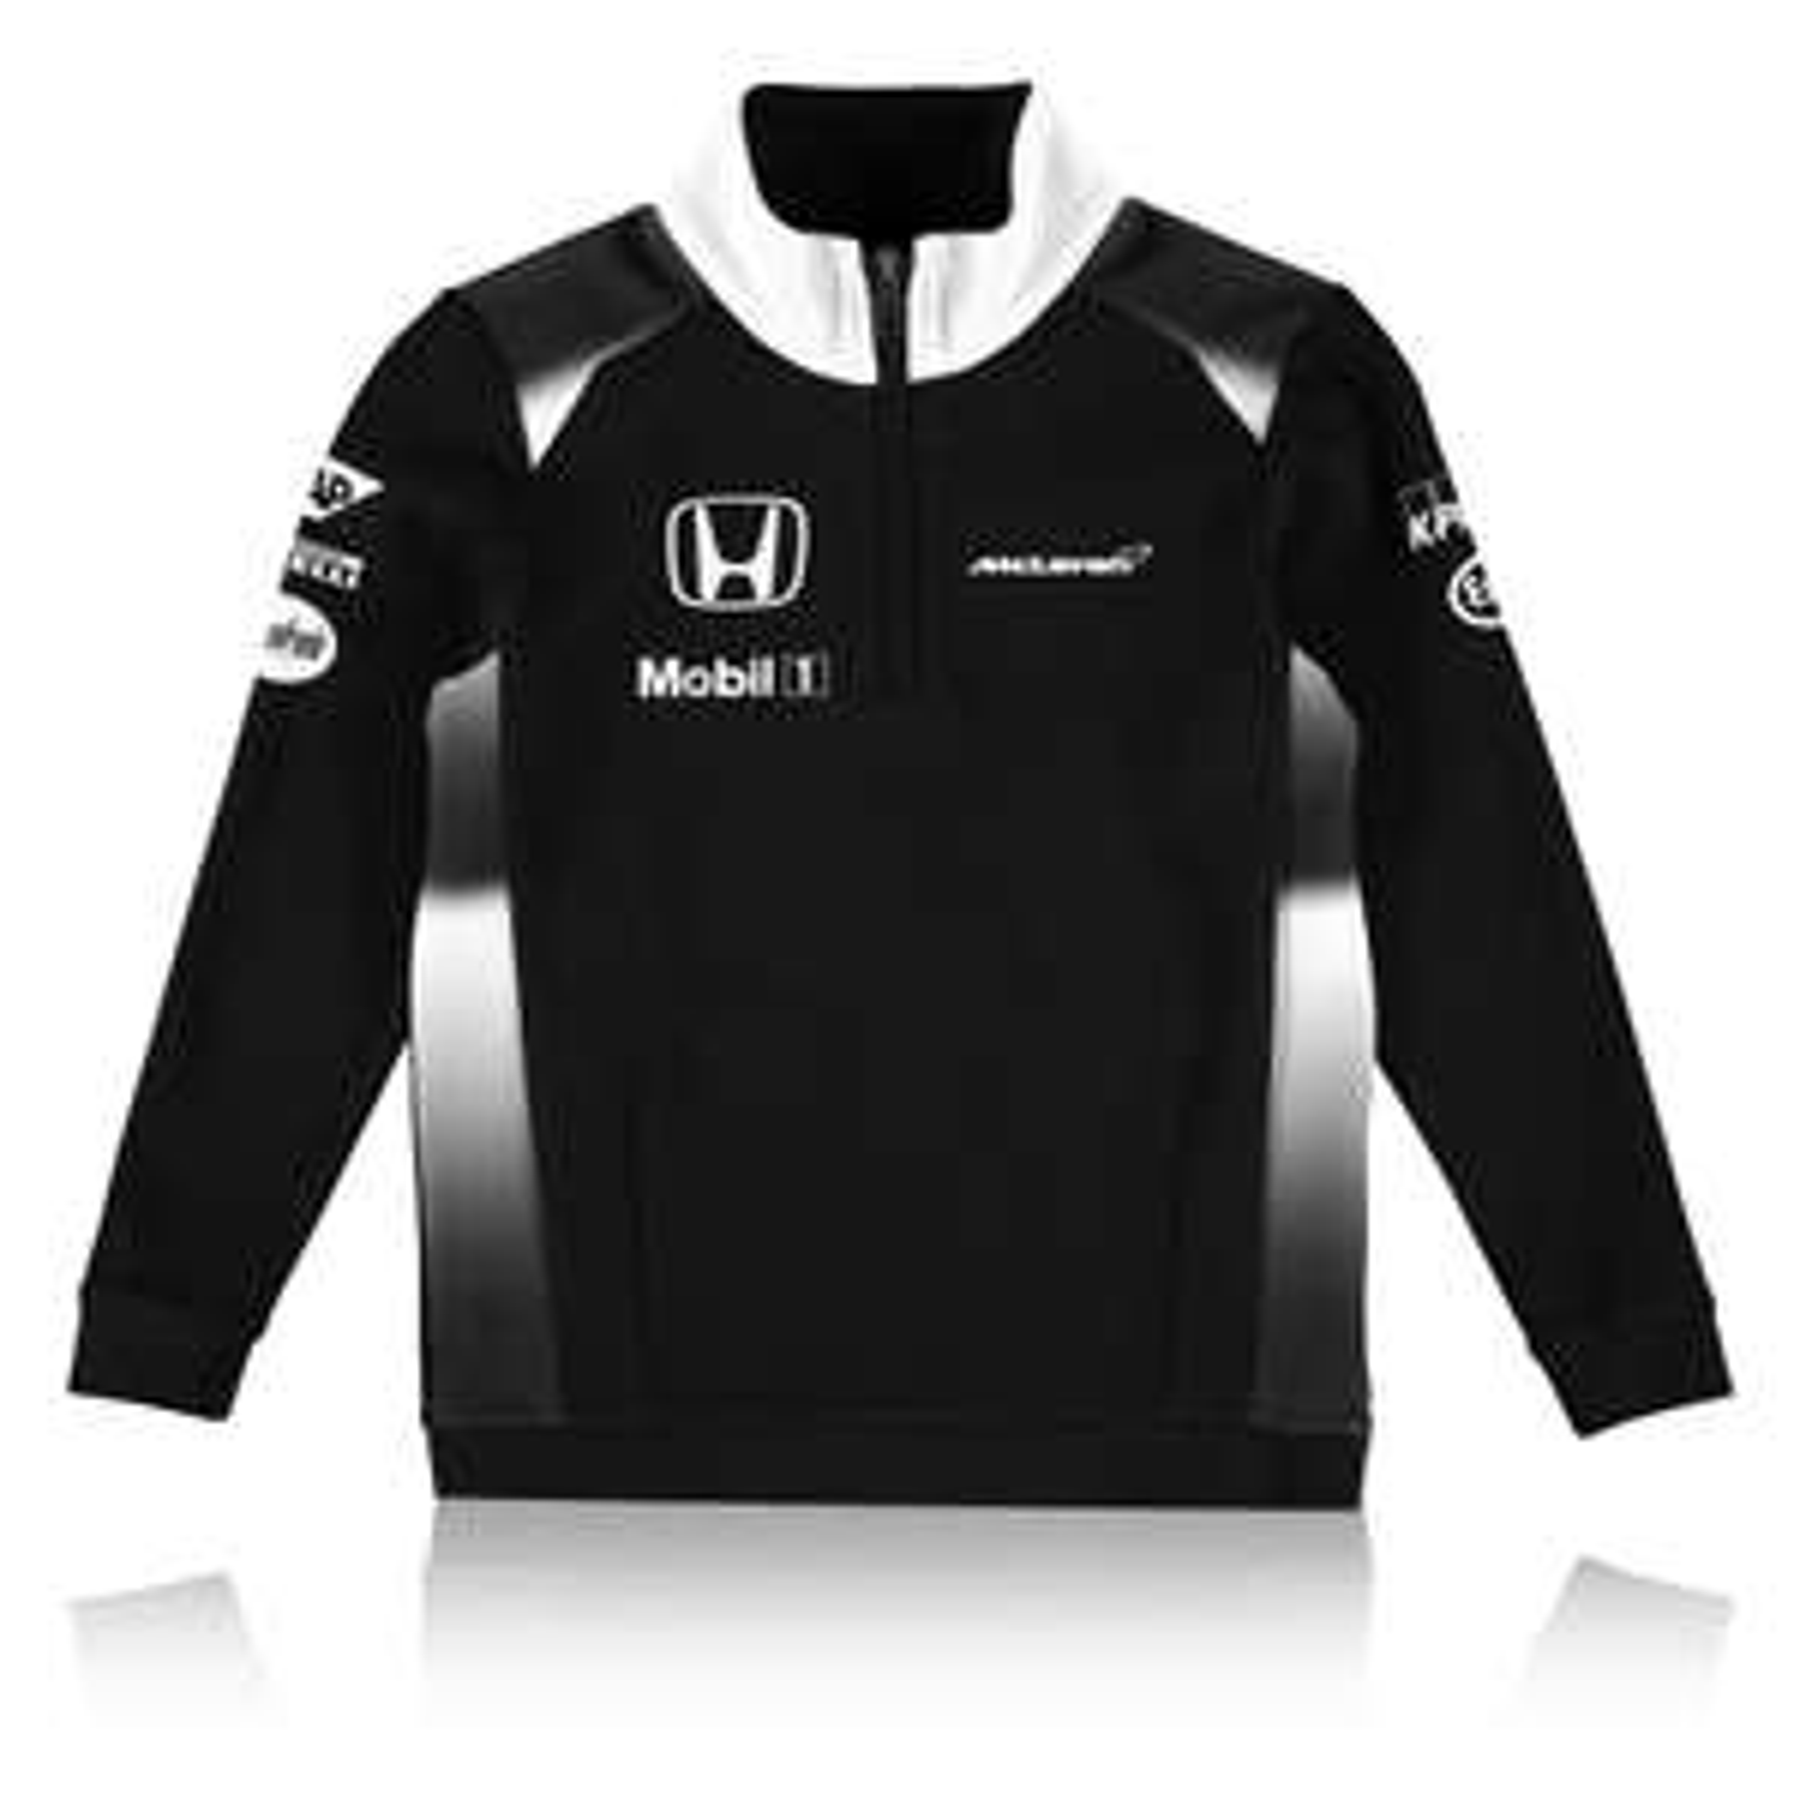 McLaren Honda Childrens Kids Official 2016 Team 1/4 Zip Sweatshirt Top £5 Delivered Ebay McLaren Store